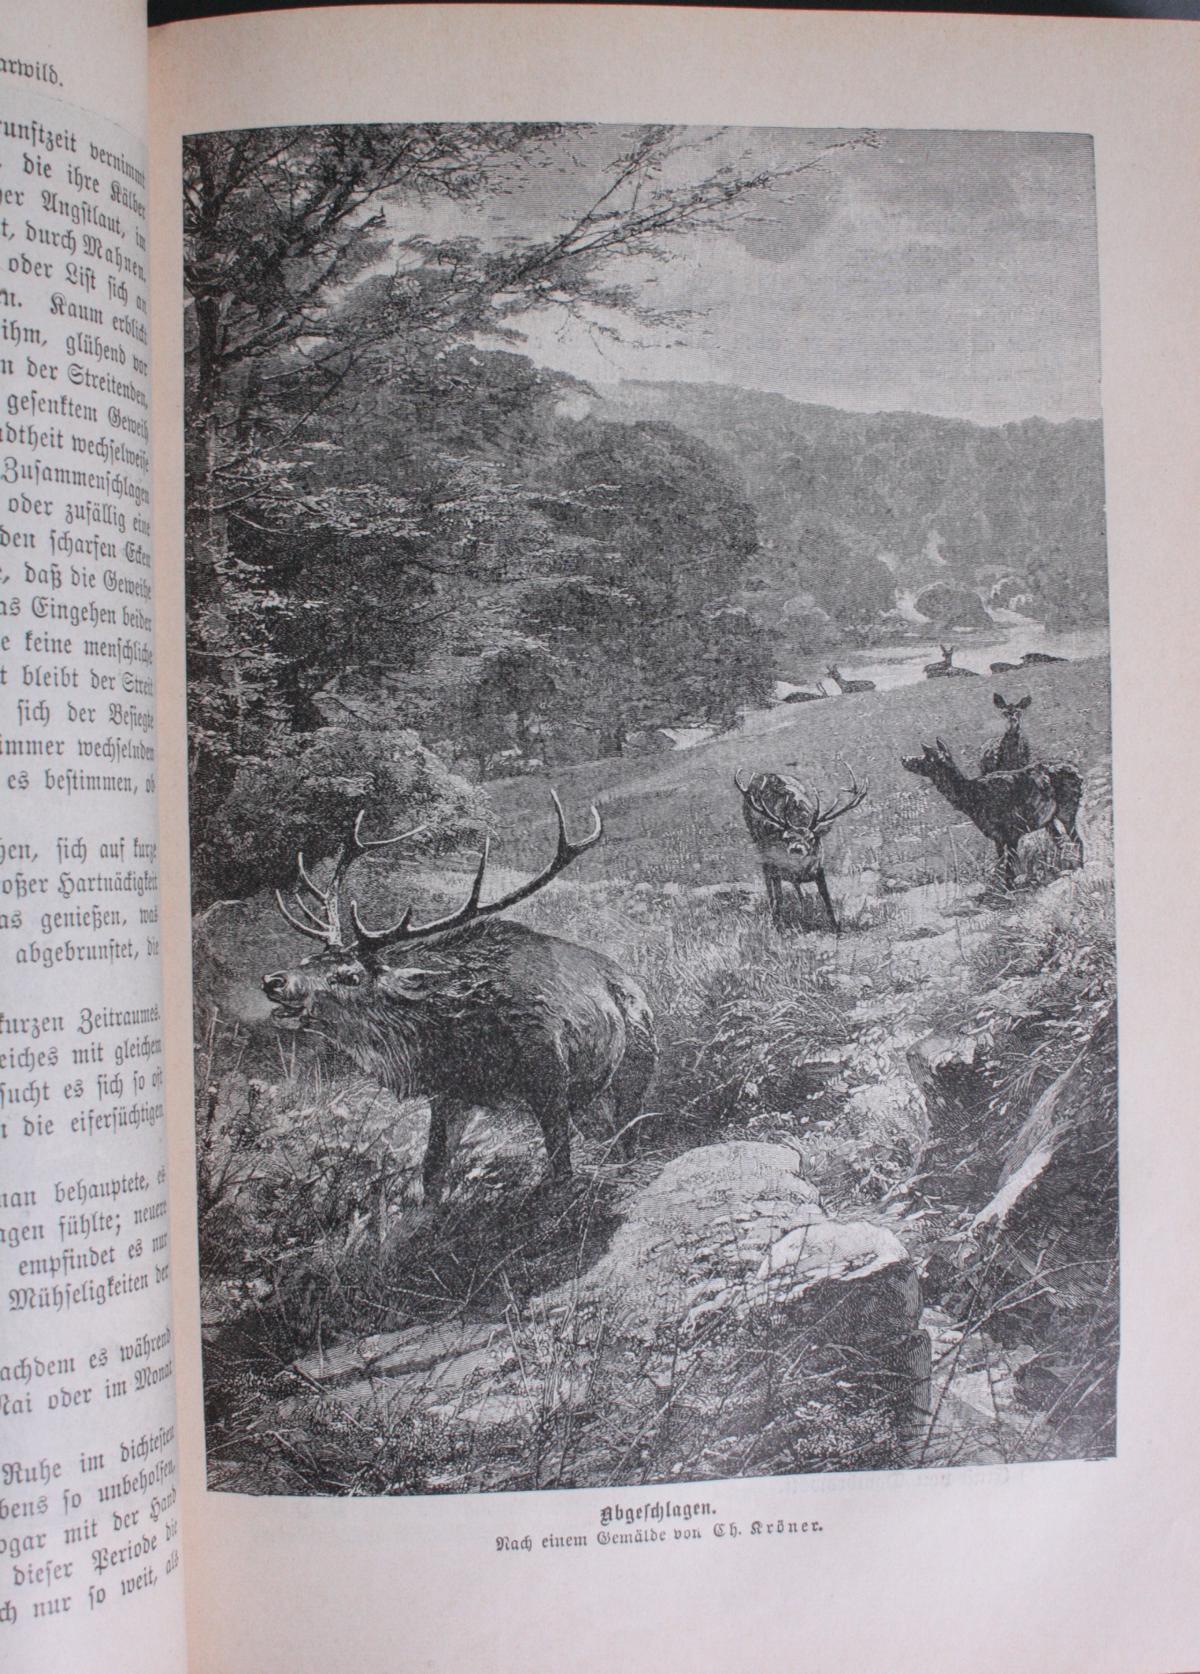 Handbuch für Jäger in Drei Bänden. Dietrichs aus dem Winckell, Band I-III-3